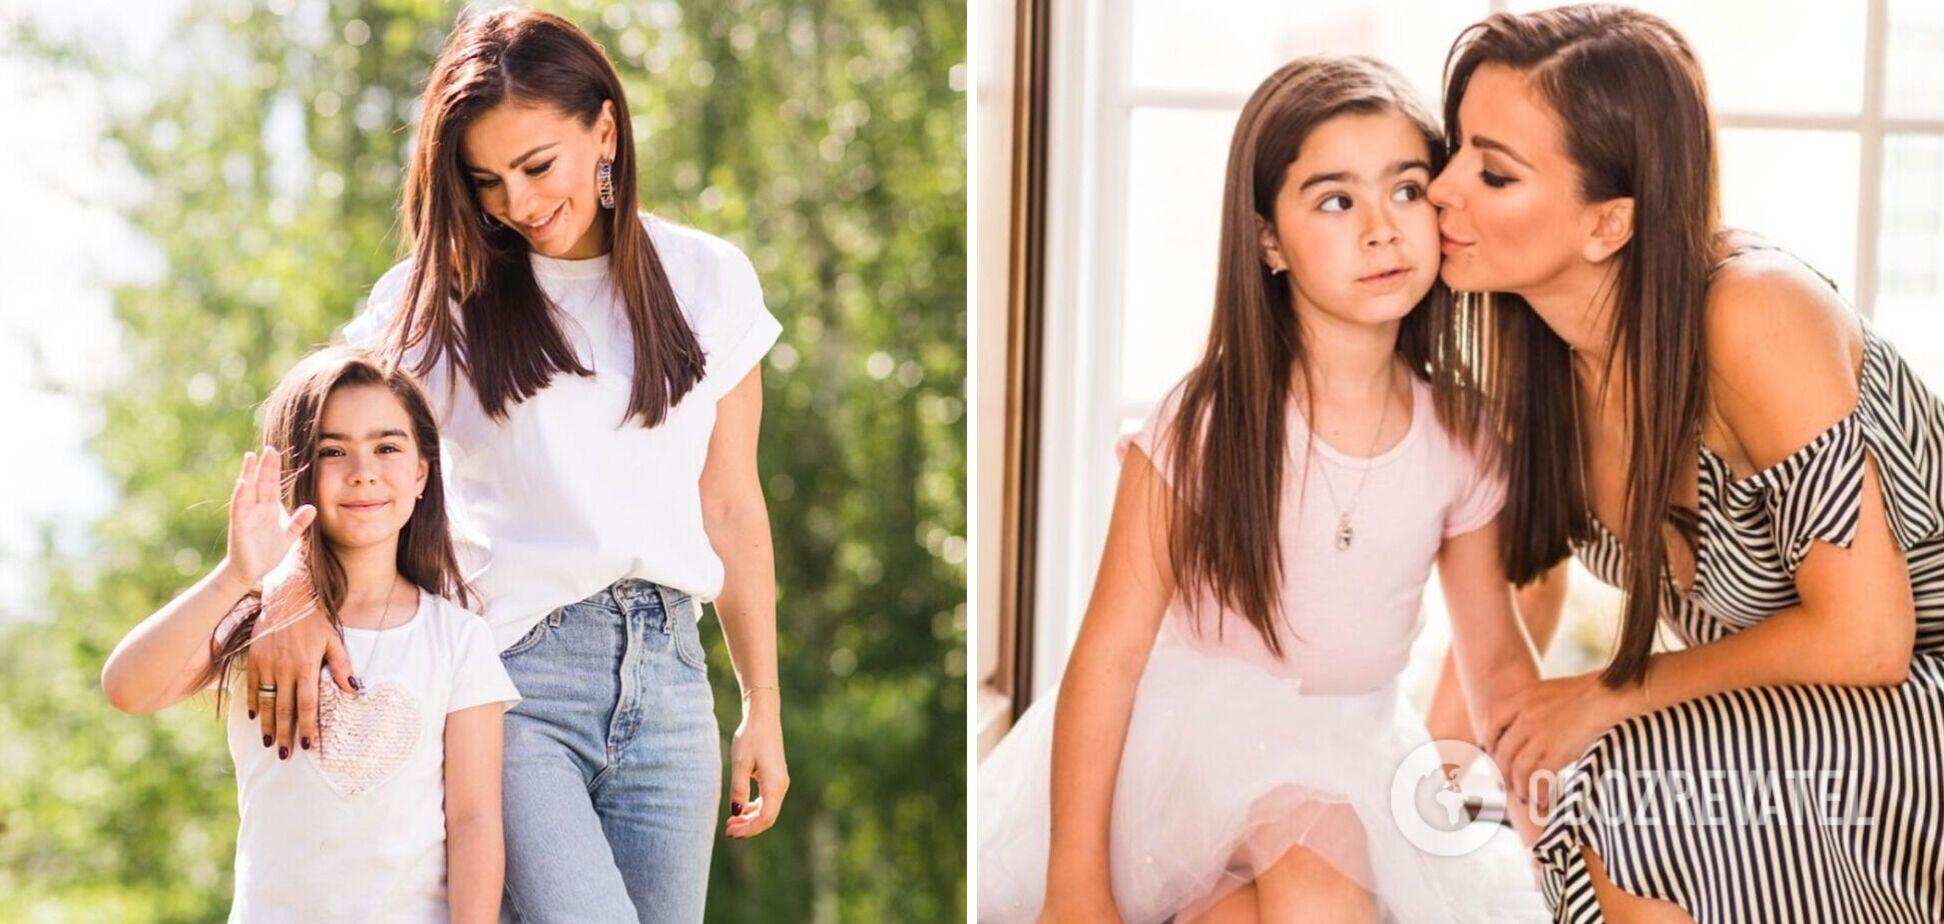 Ани Лорак умилила сеть новыми фото с подросшей дочерью